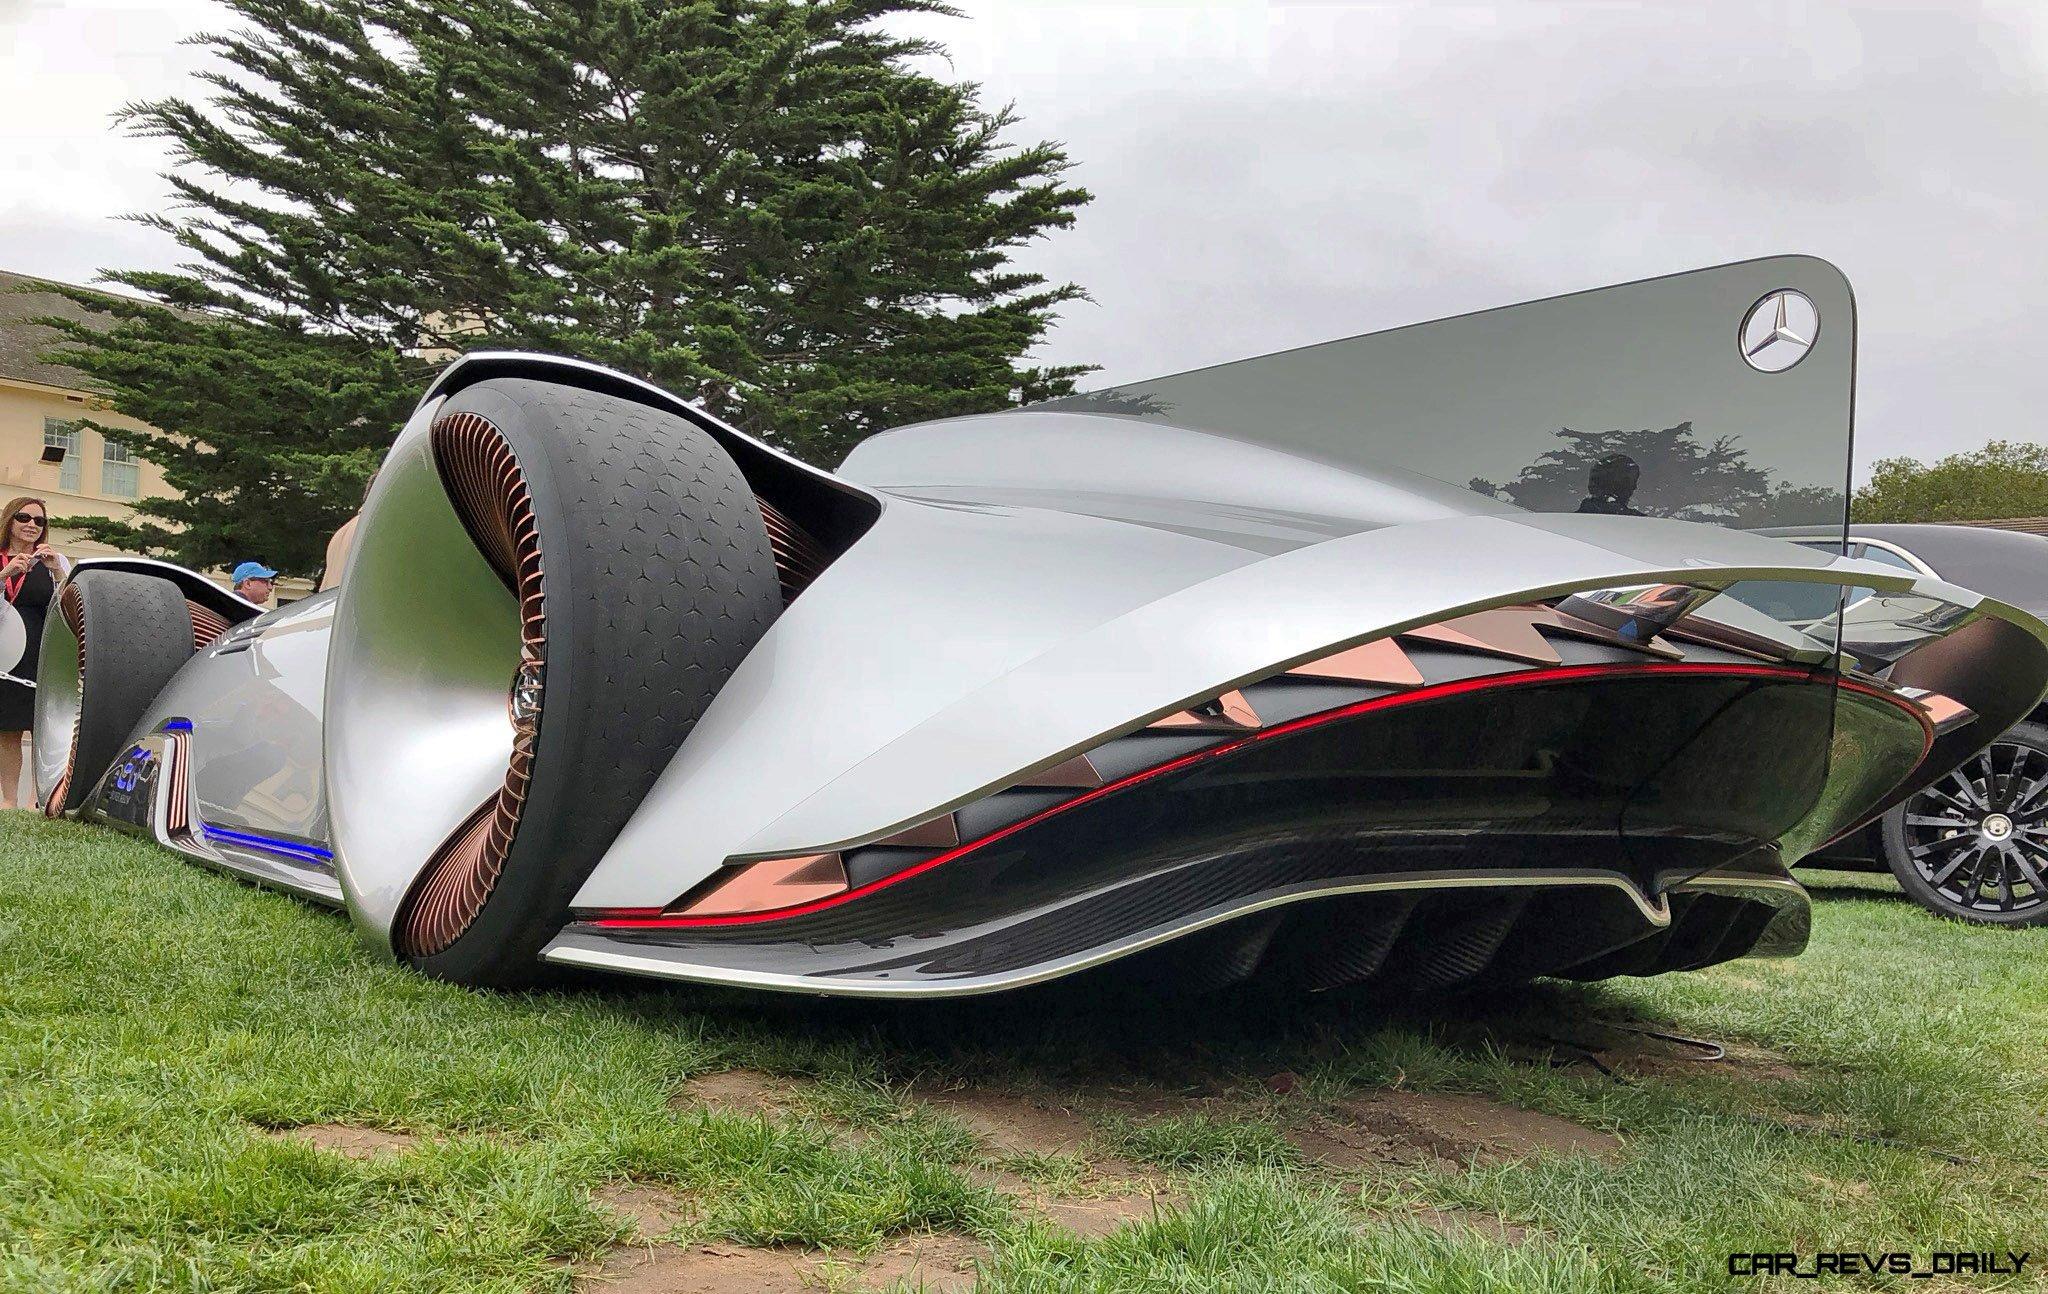 Pebble Beach 2018 - Mercedes-Benz EQ Silver Arrow Concept